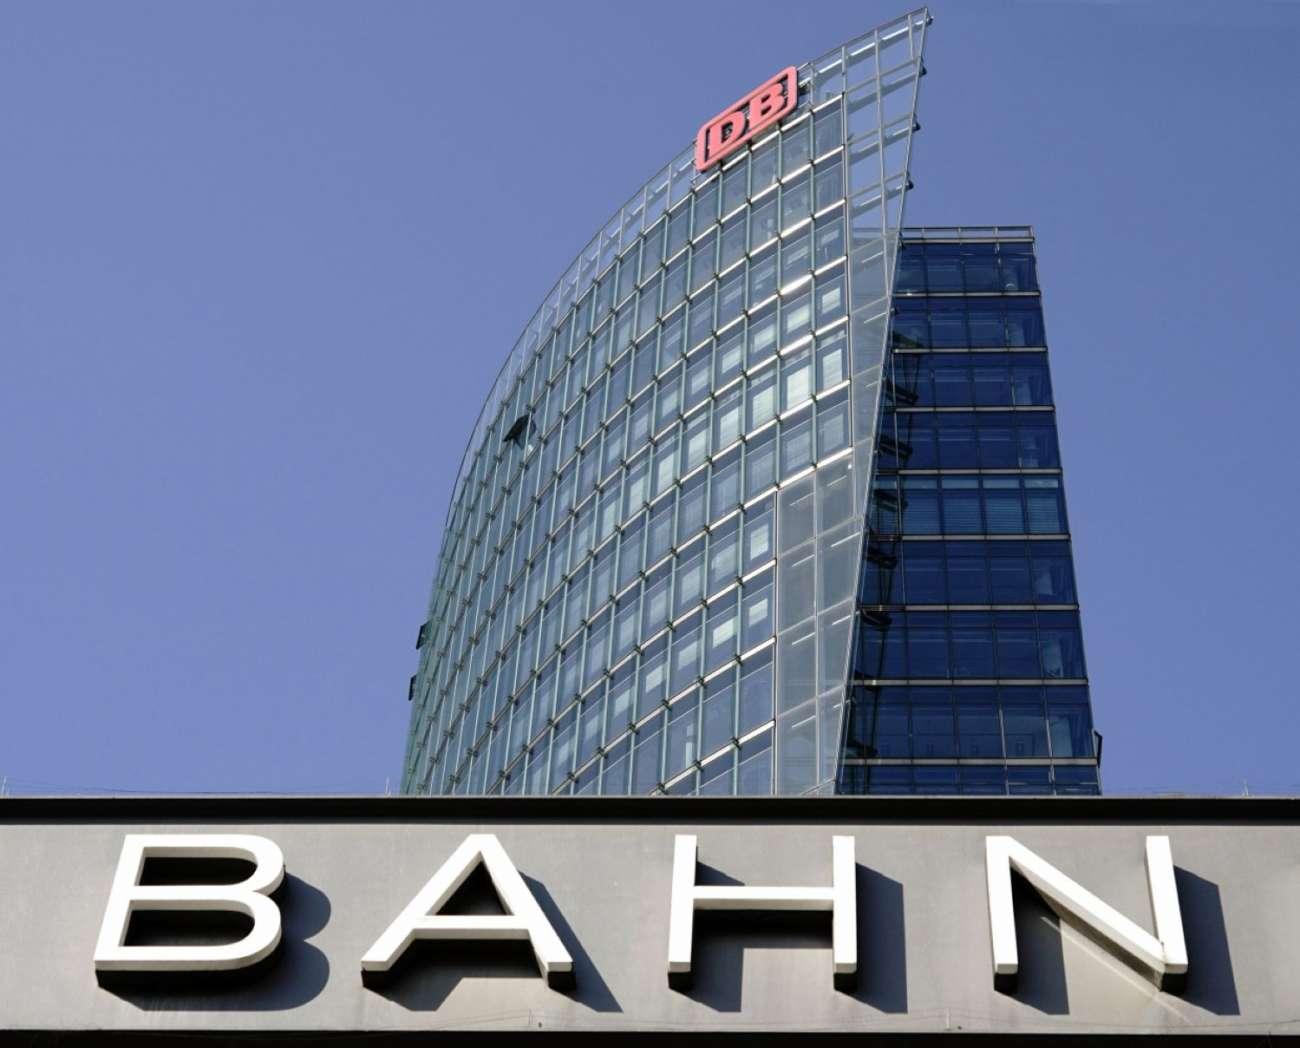 Deutsche Bahn Fernsehsender